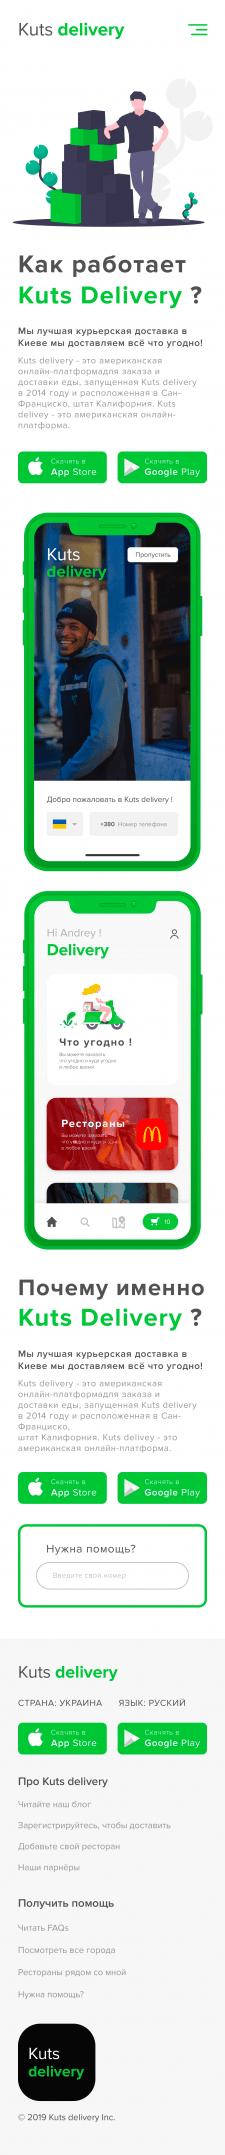 Веб дизайн призентация мобильного приложения